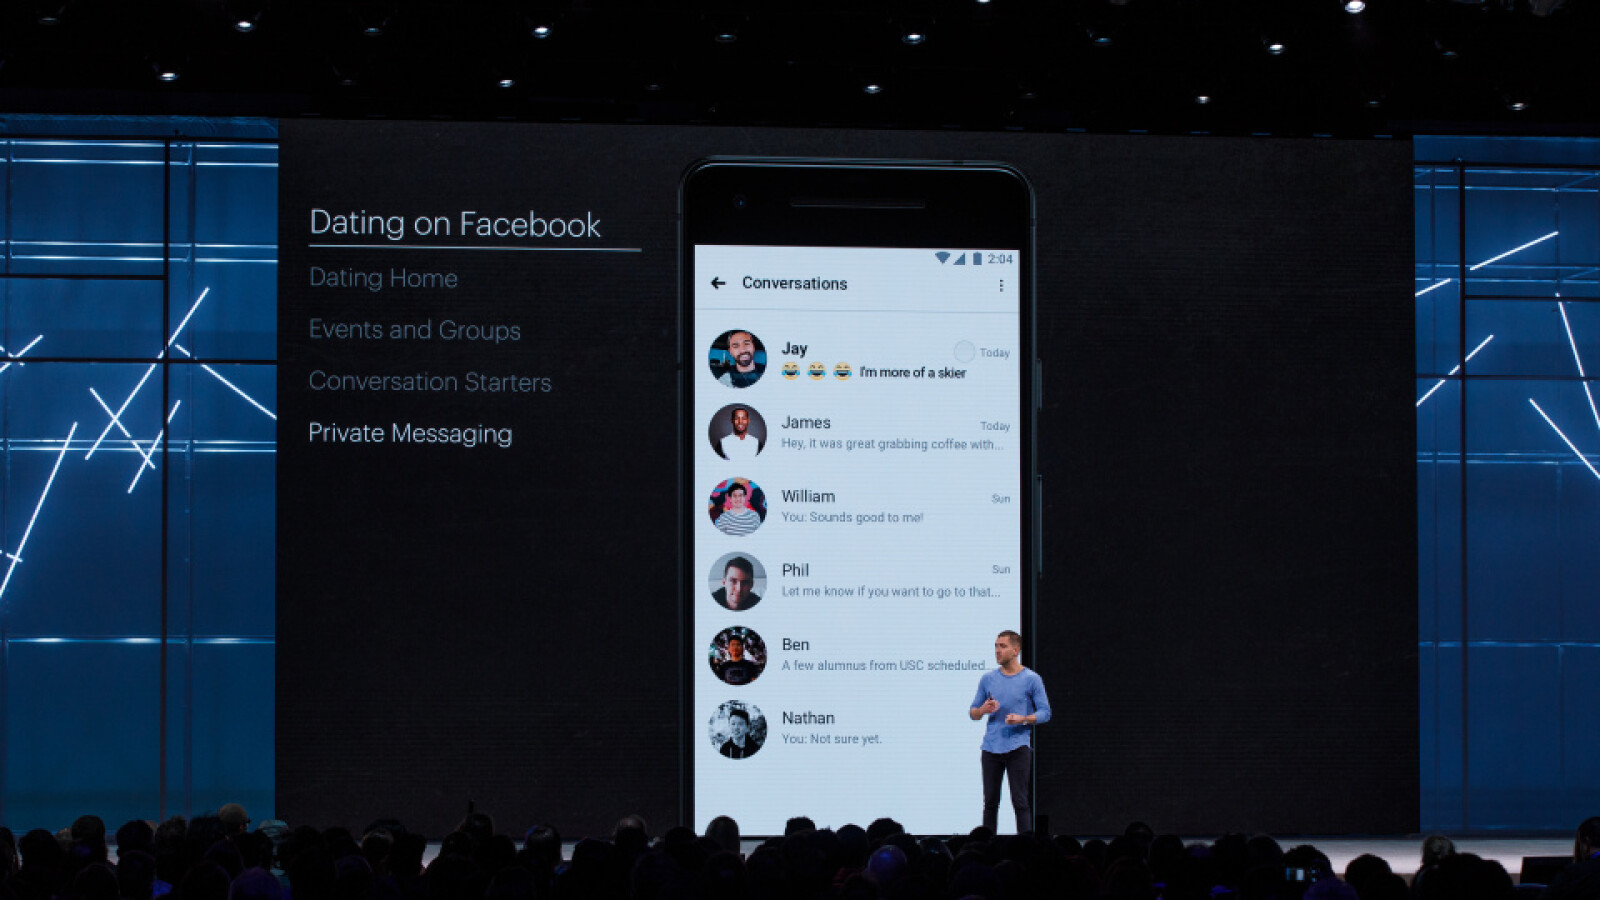 Schwere Zeiten für Tinder: Facebook kündigt Dating-Funktion an - NETZWELT